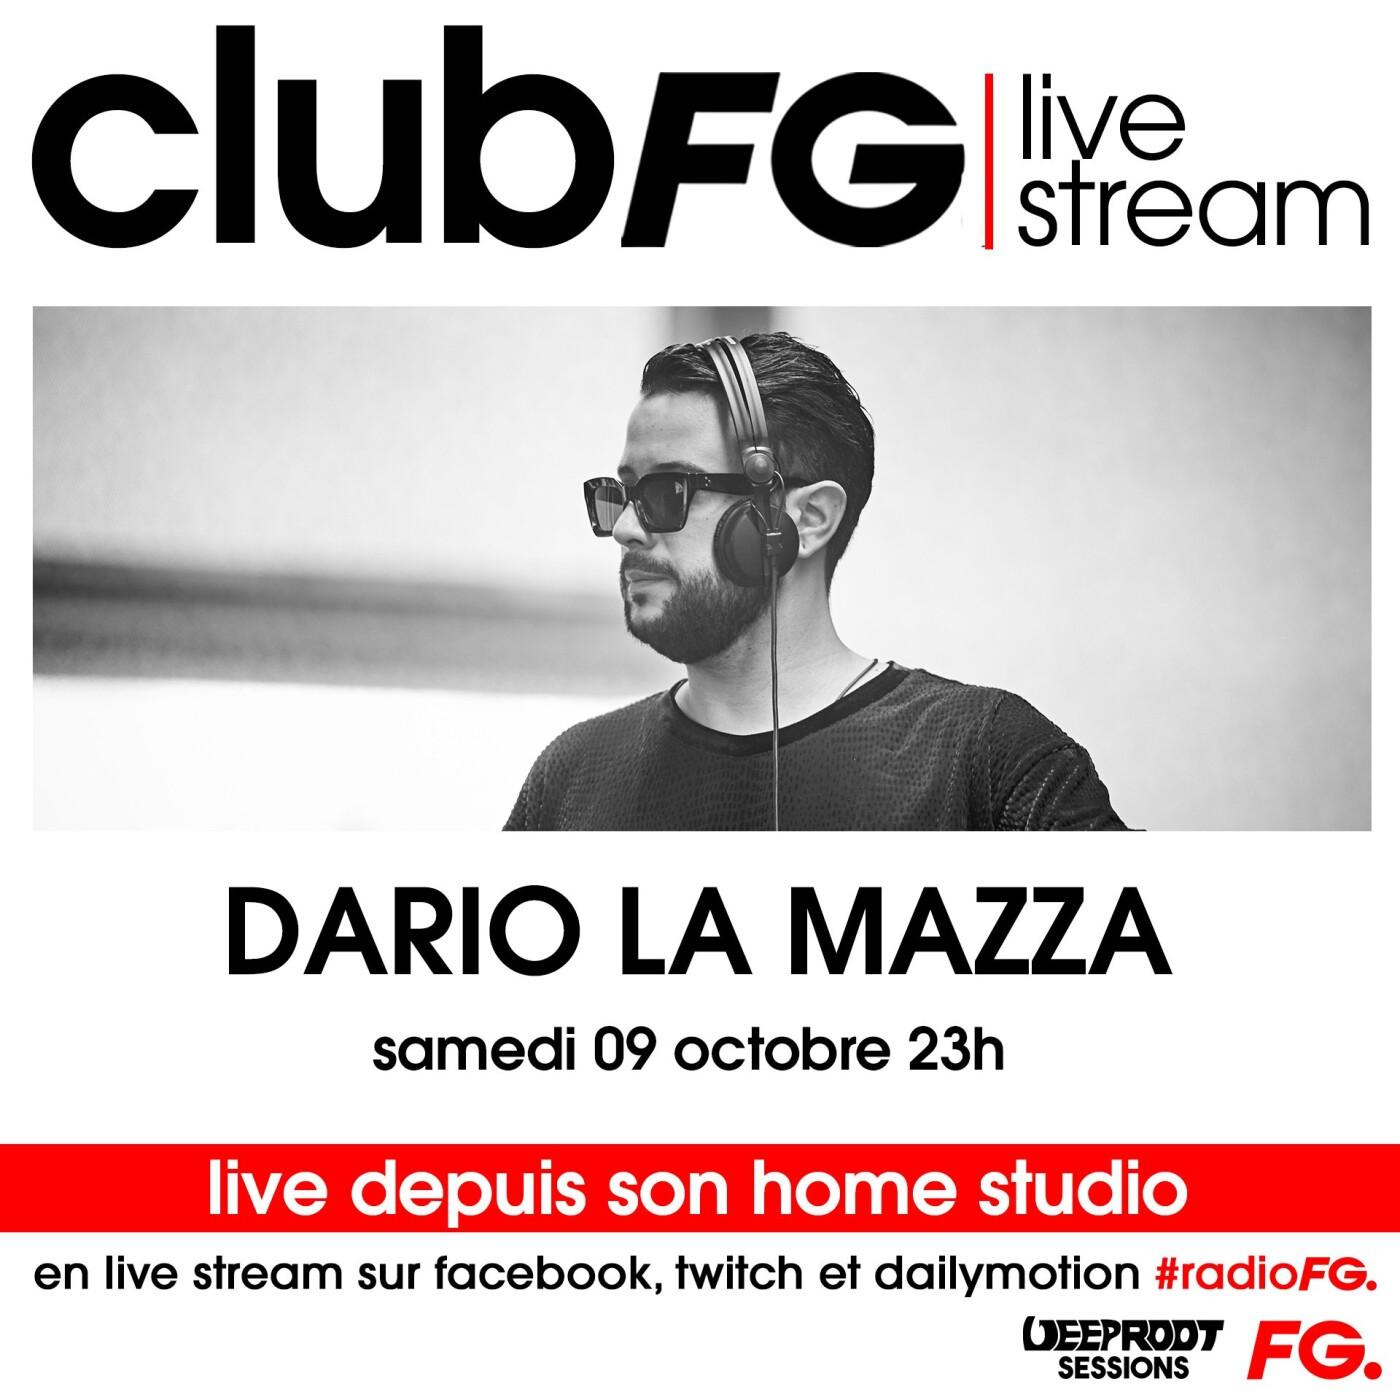 CLUB FG LIVE STREAM : DARIO LA MAZZA